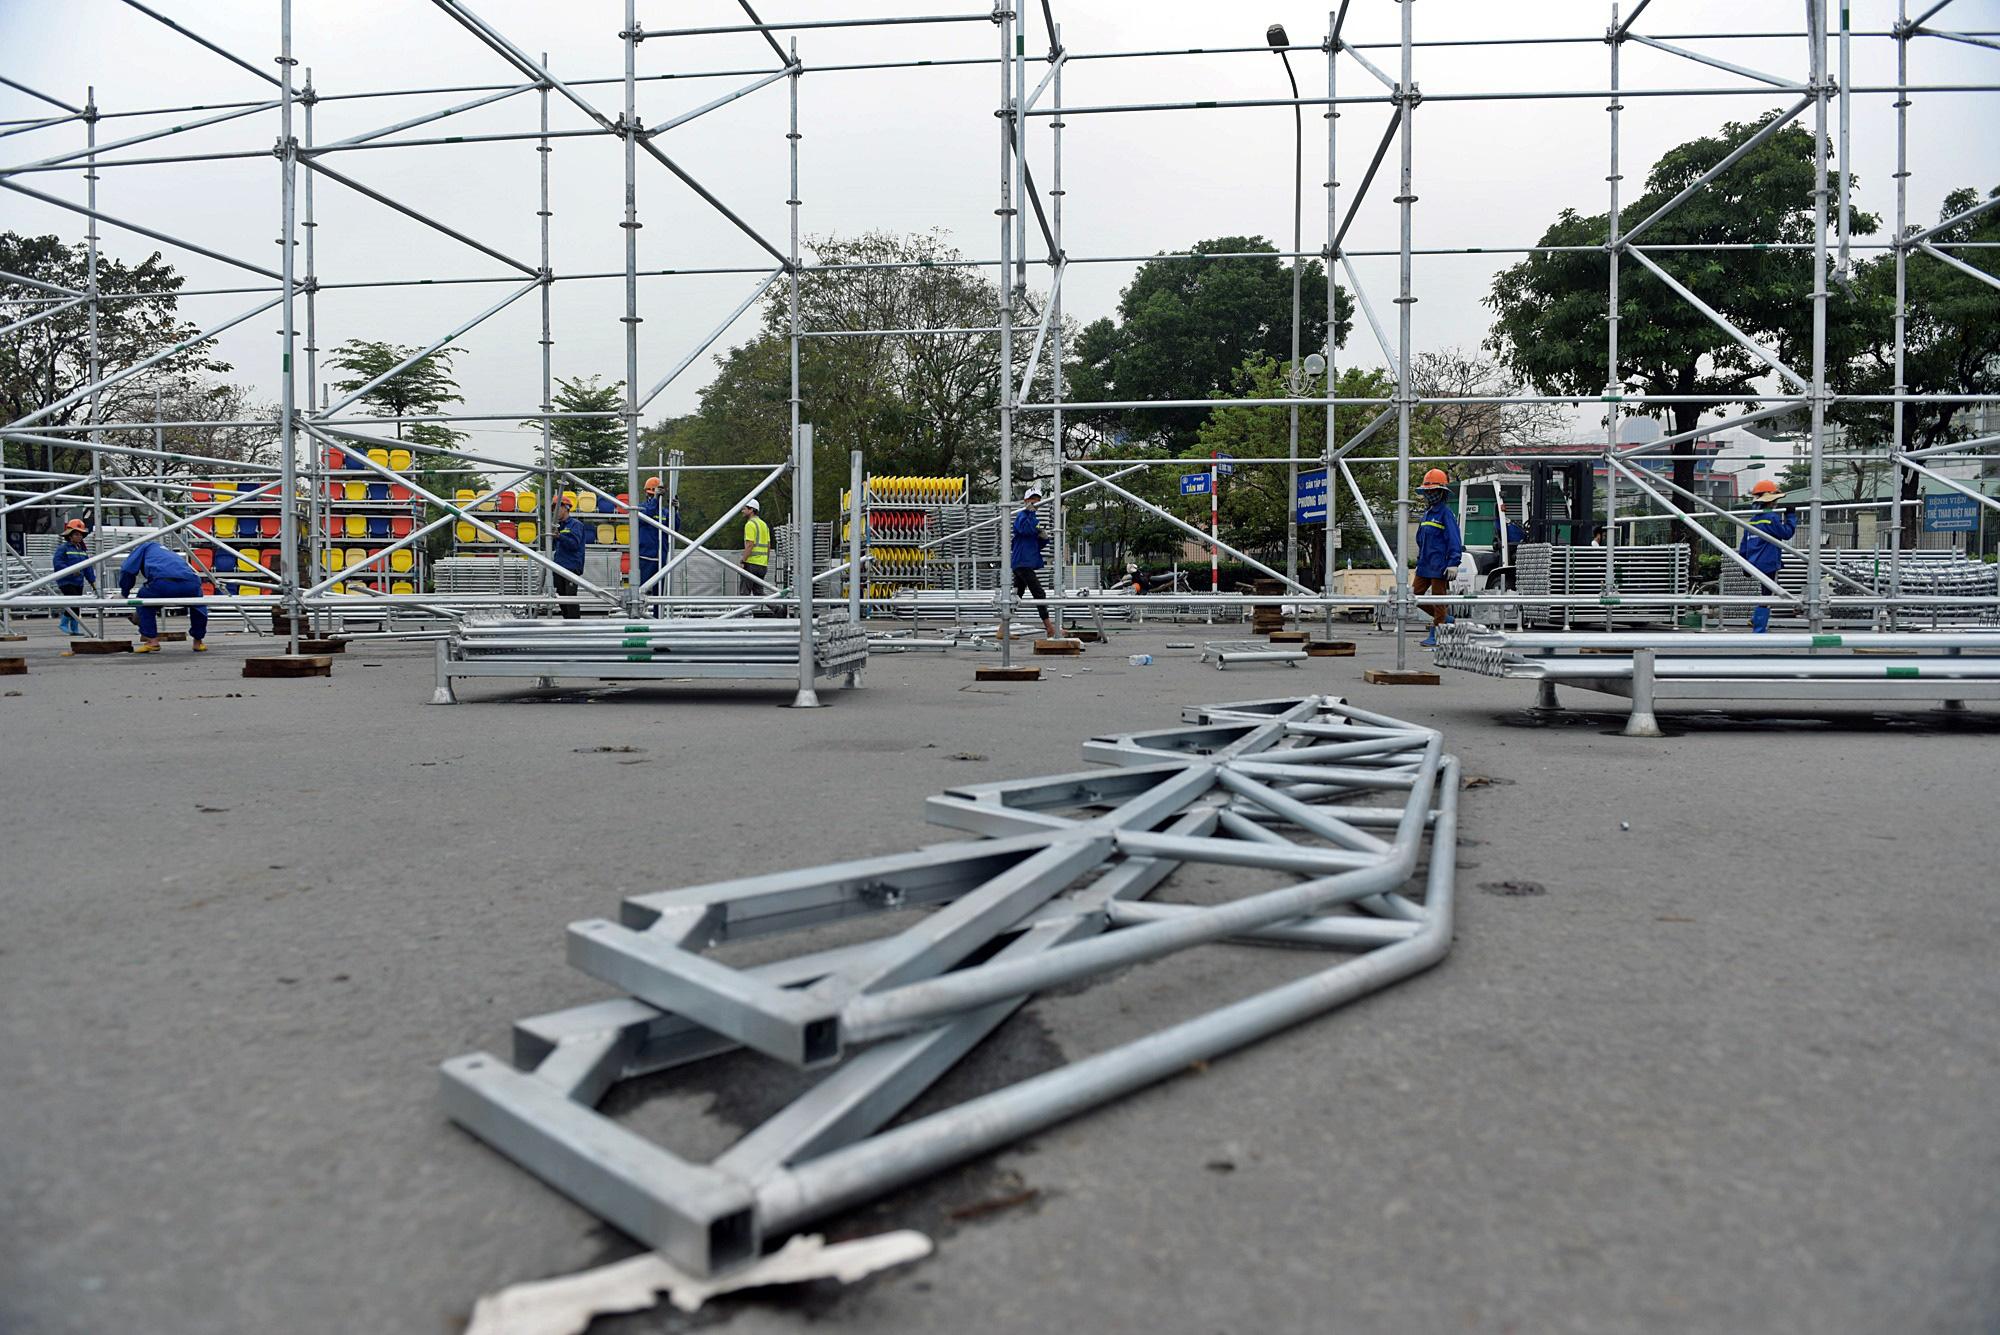 Hoãn đua F1 Hà Nội vì dịch Covid-19, khán đài di động bị tháo dỡ - Ảnh 5.